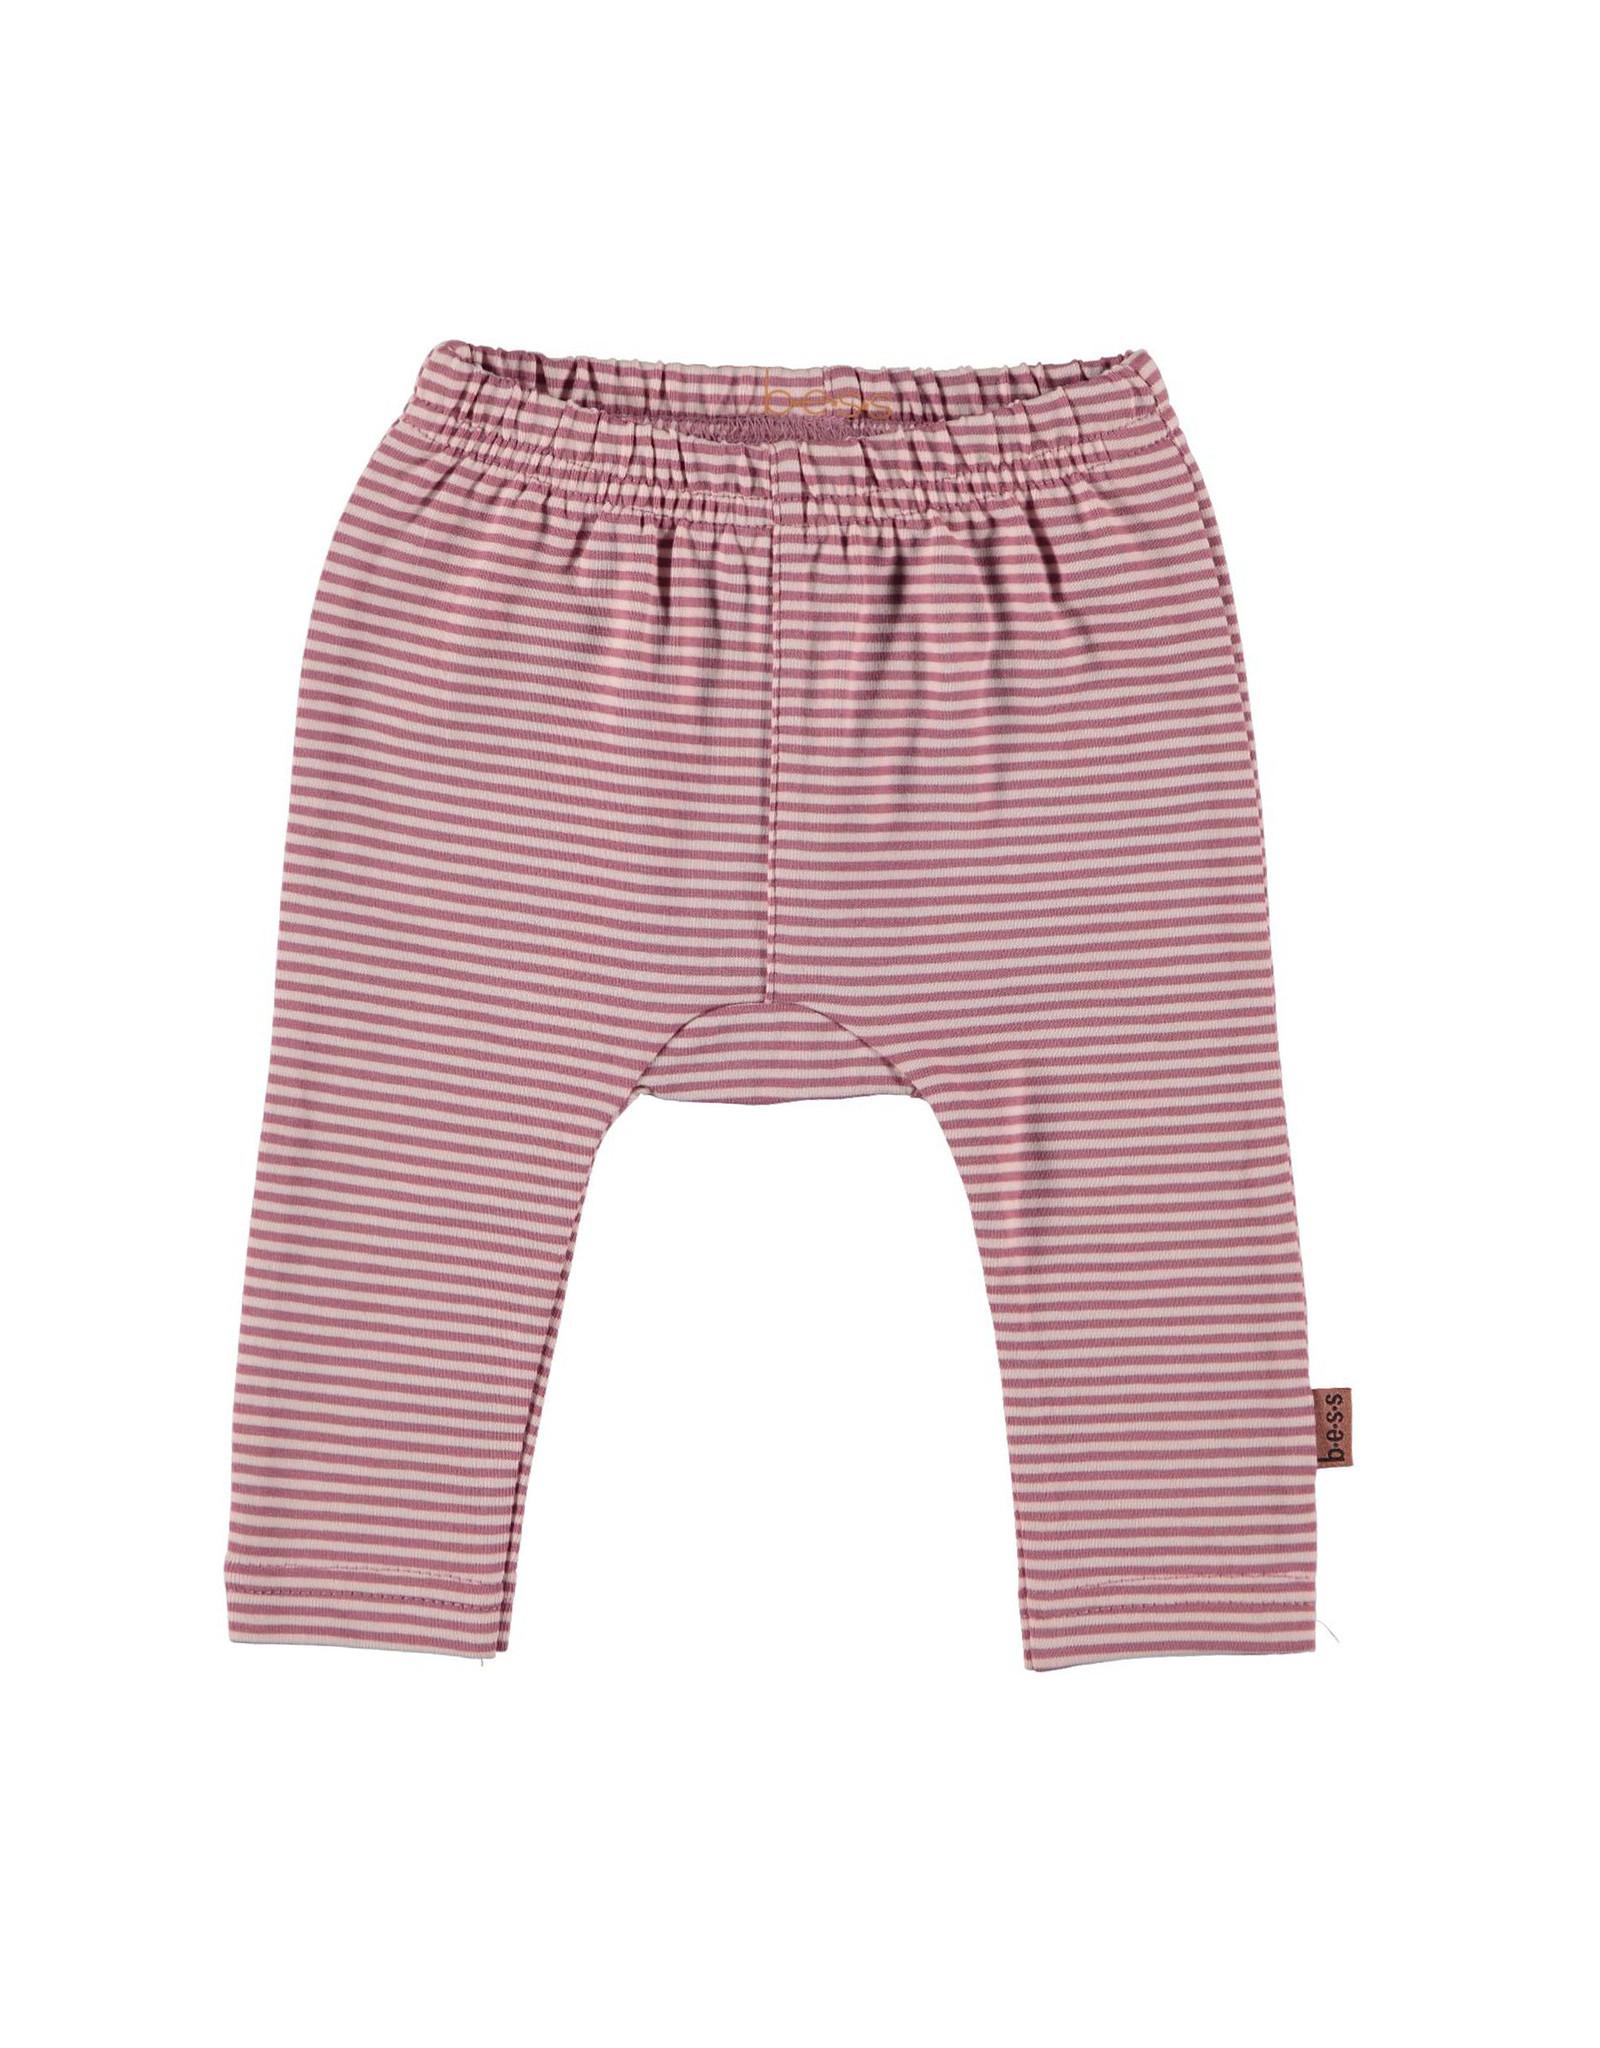 BESS Legging Striped Pinstripe Pink